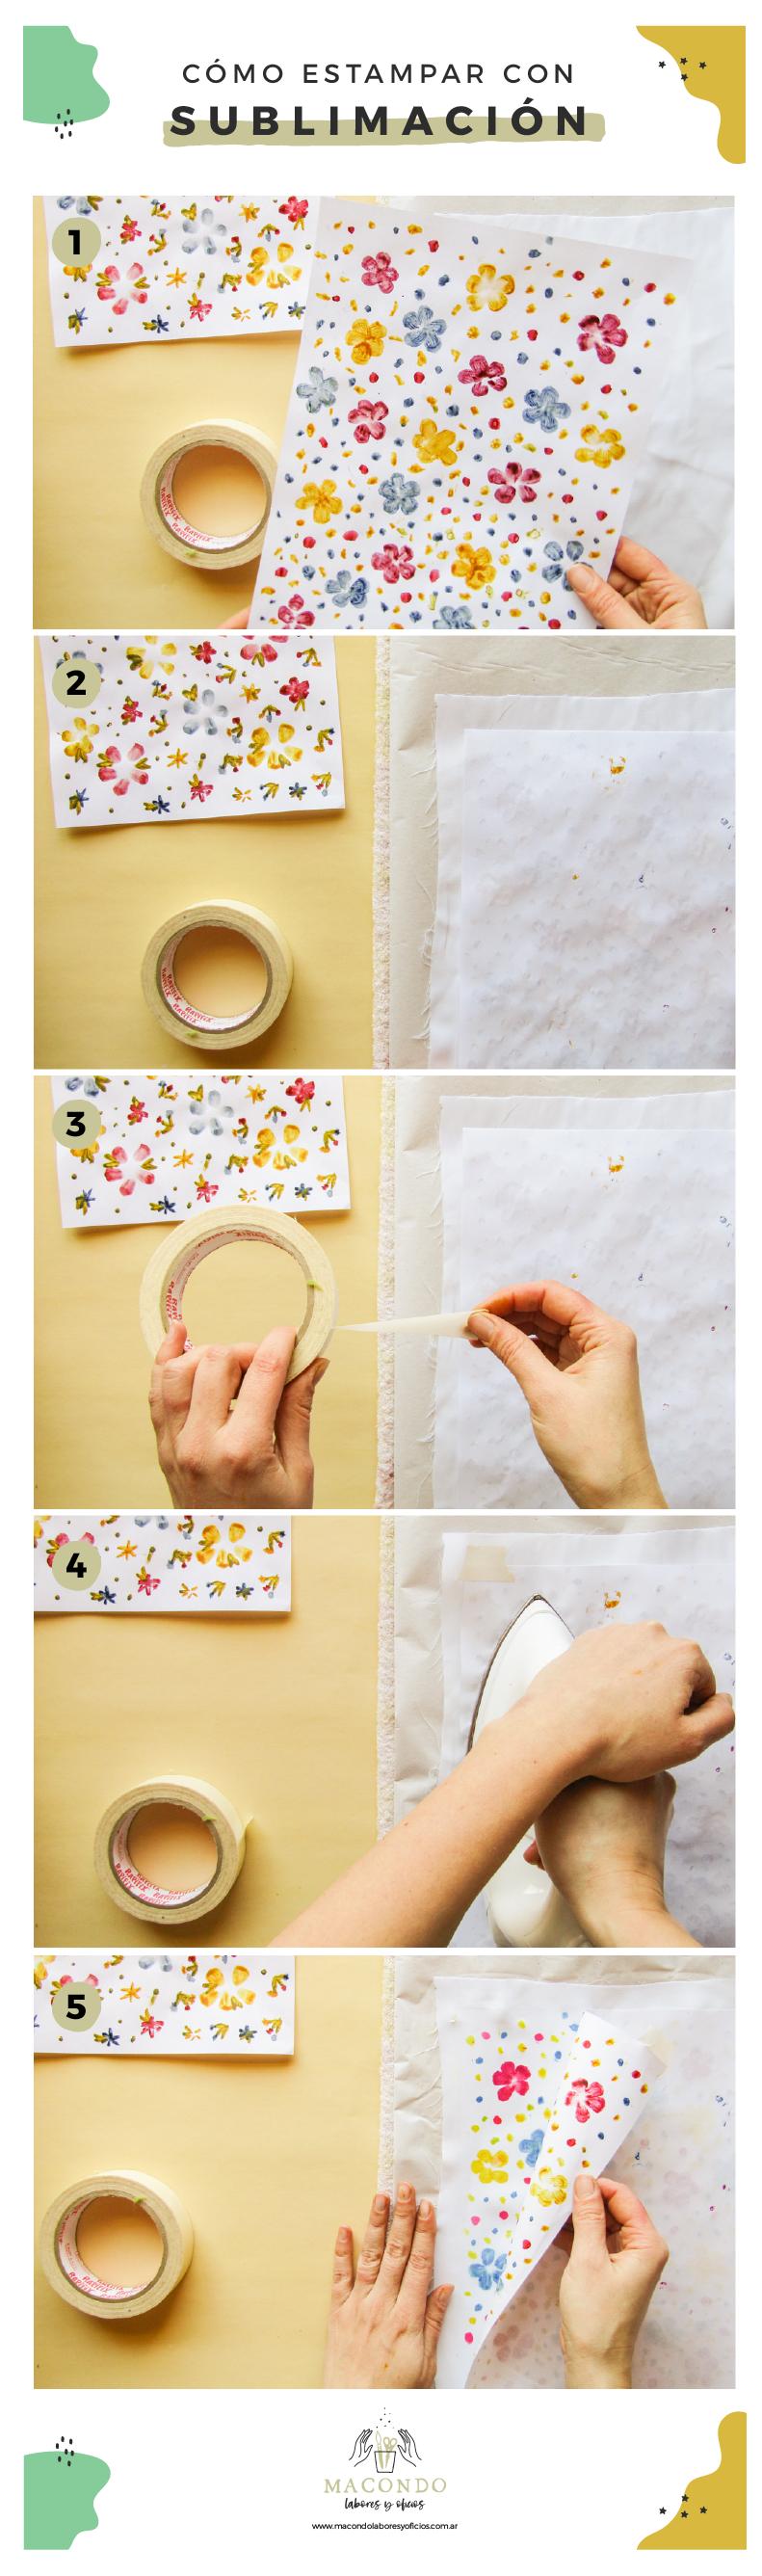 Cómo estampar telas de poliester (estampado)